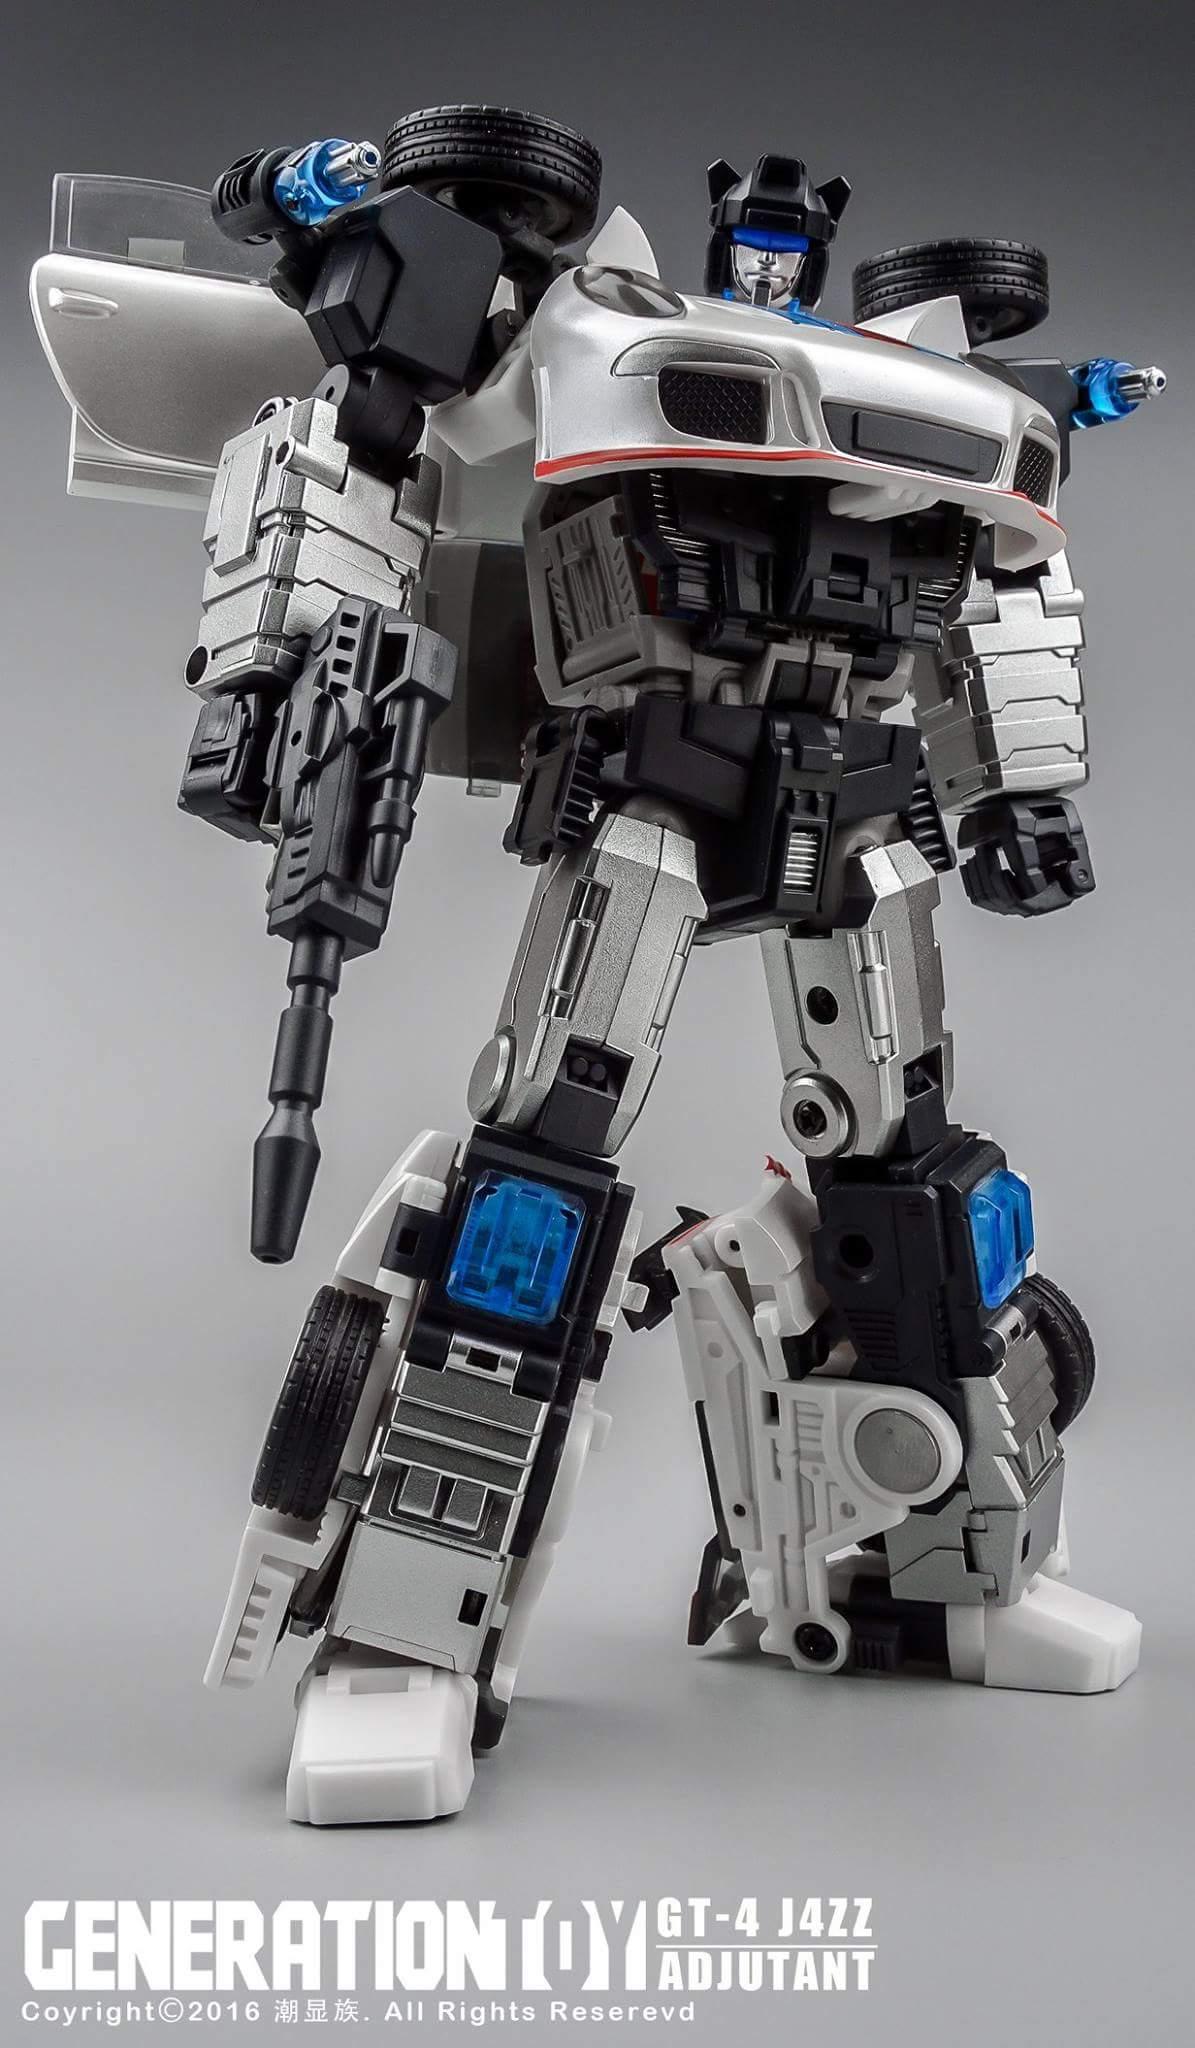 [Generation Toy] Produit Tiers - Jouets TF de la Gamme GT - des BD TF d'IDW RGBhdORx